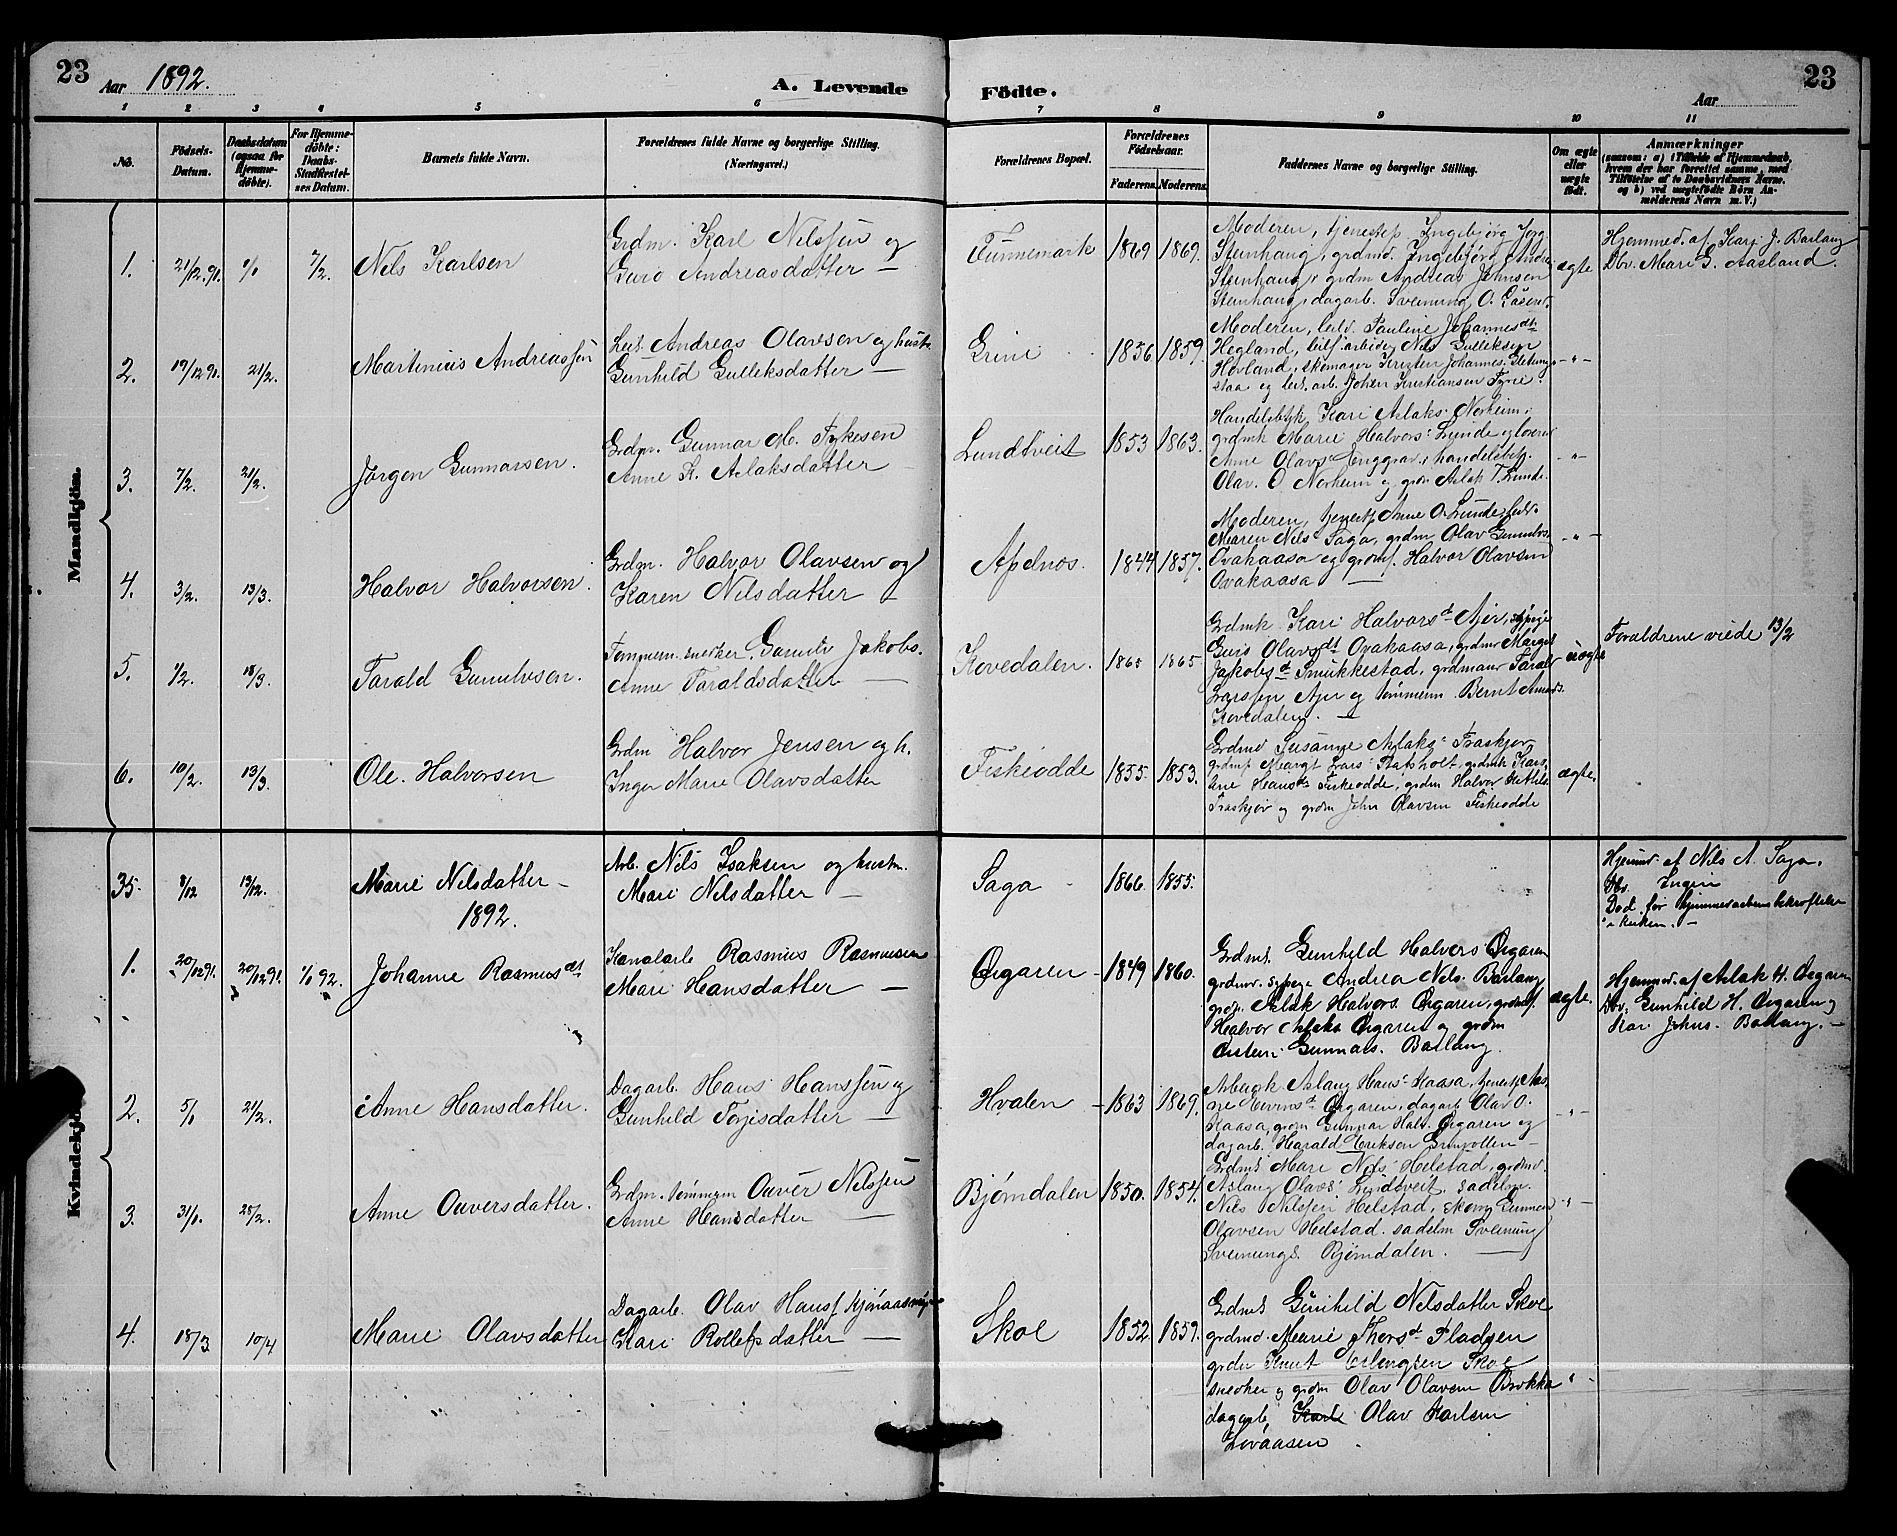 SAKO, Lunde kirkebøker, G/Ga/L0002: Klokkerbok nr. I 2, 1887-1896, s. 23